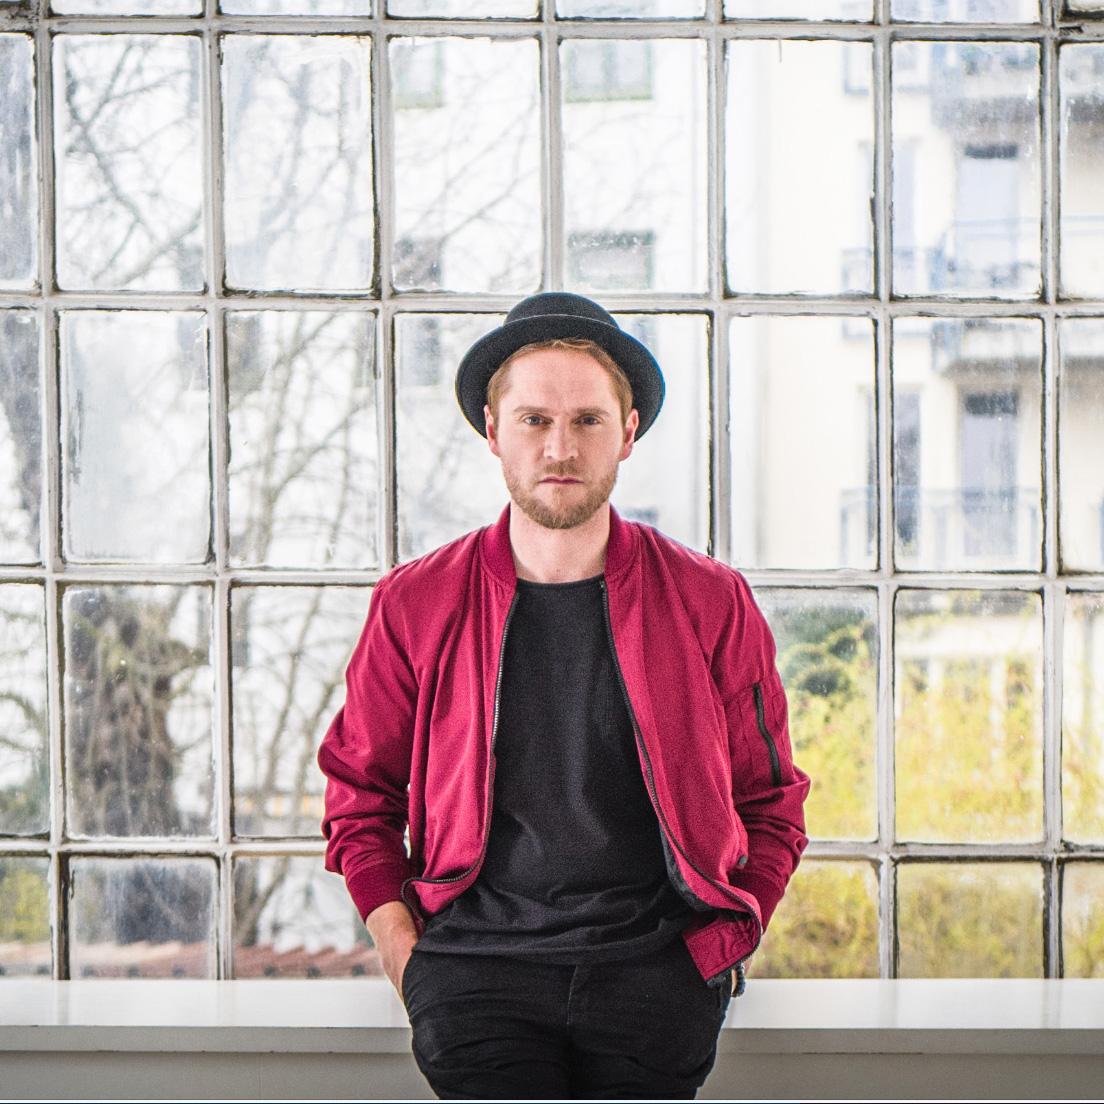 Konzerte | Bernd Aust KulturManagement GmbH